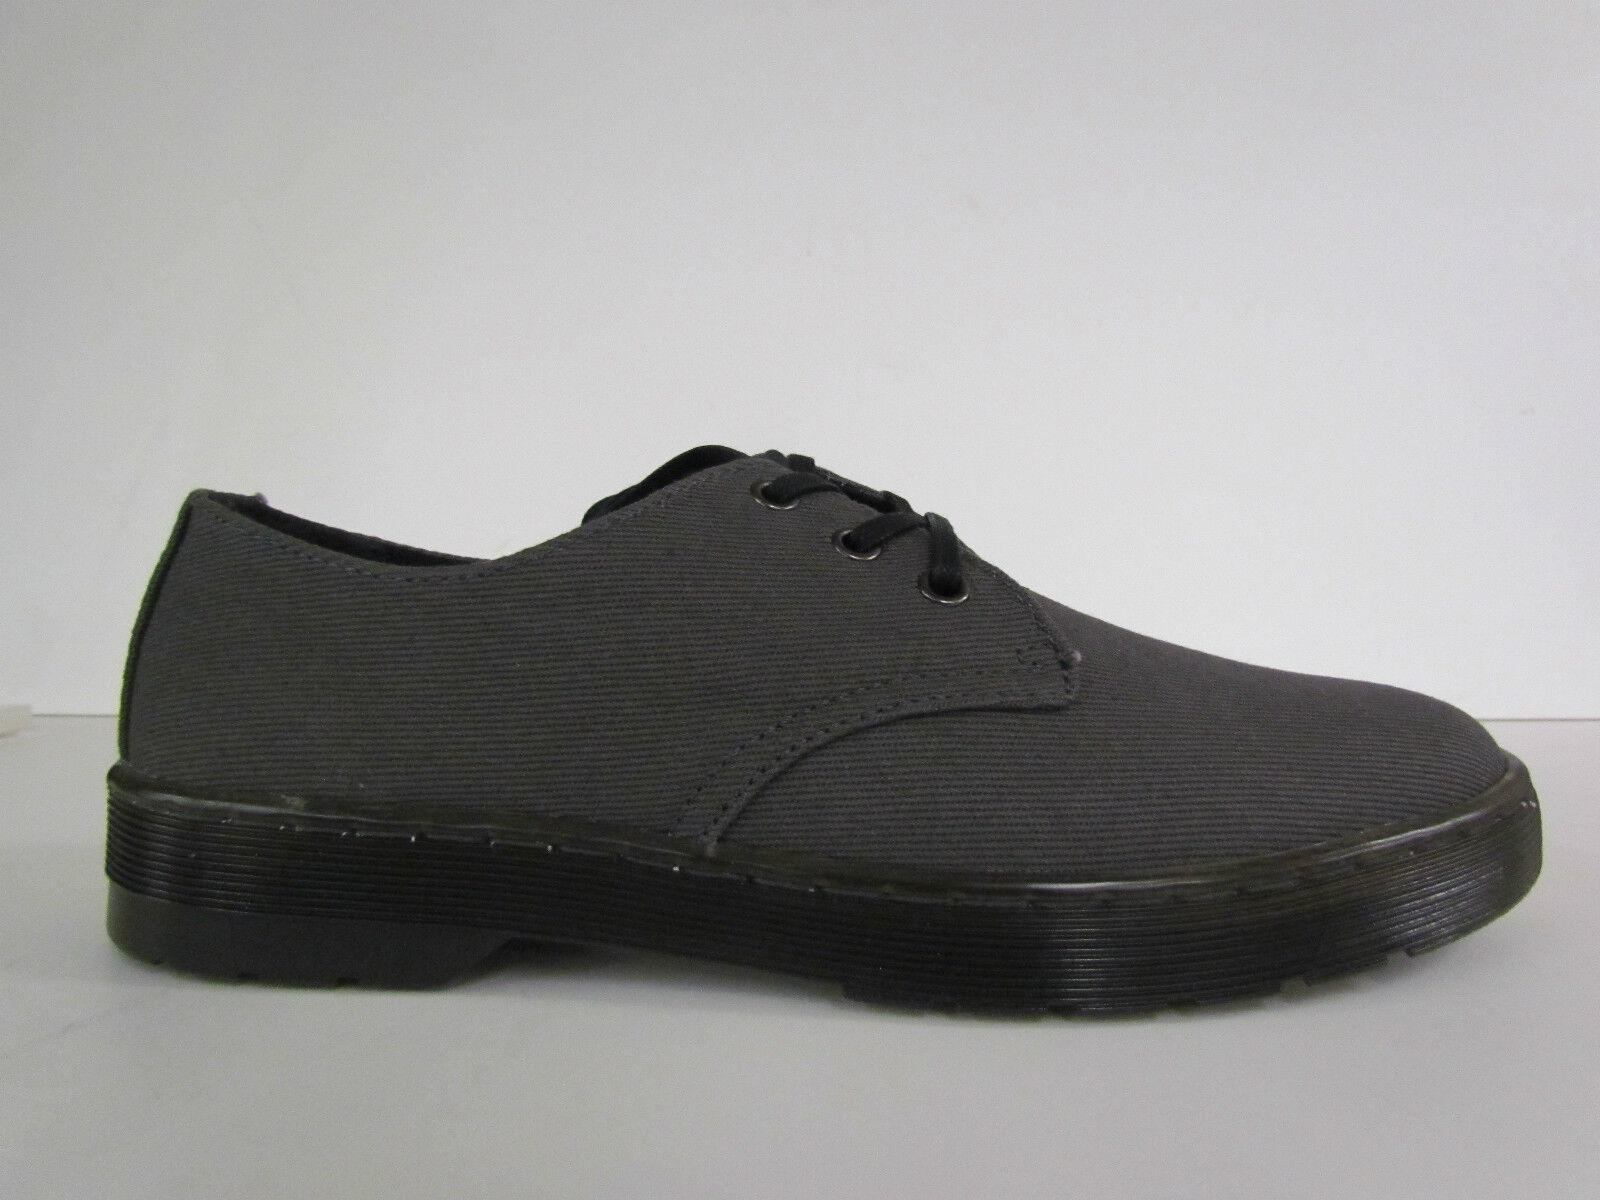 Los últimos zapatos de descuento para hombres y mujeres Barato y cómodo DR.MARTENS- SCARPA UOMO  GRIGIO DELRAY 16748060 GRIGIO  SS16